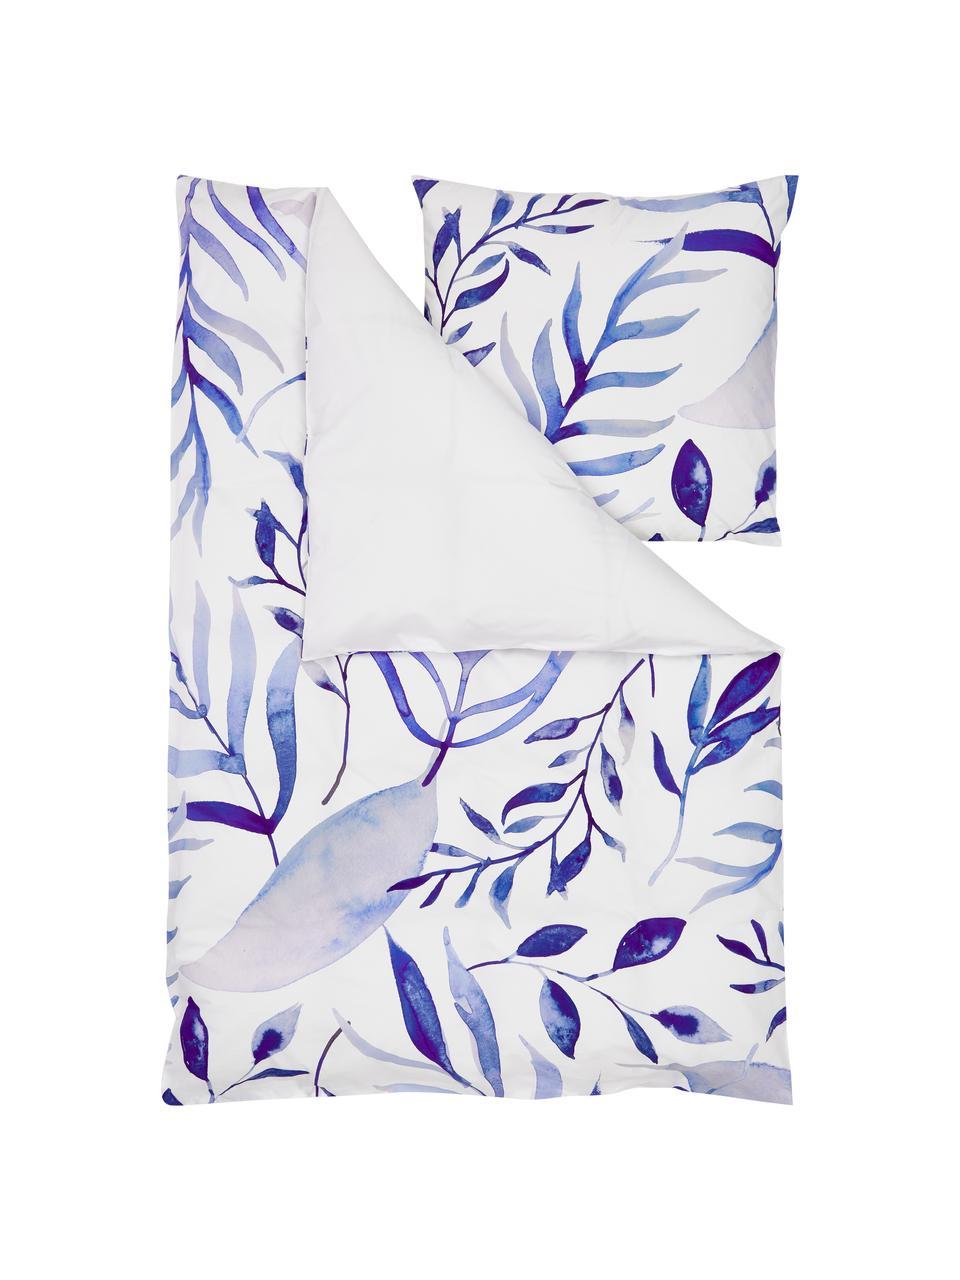 Pościel z perkalu Francine, Przód: niebieski, biały Tył: biały, 240 x 220 cm + 2 poduszki 80 x 80 cm